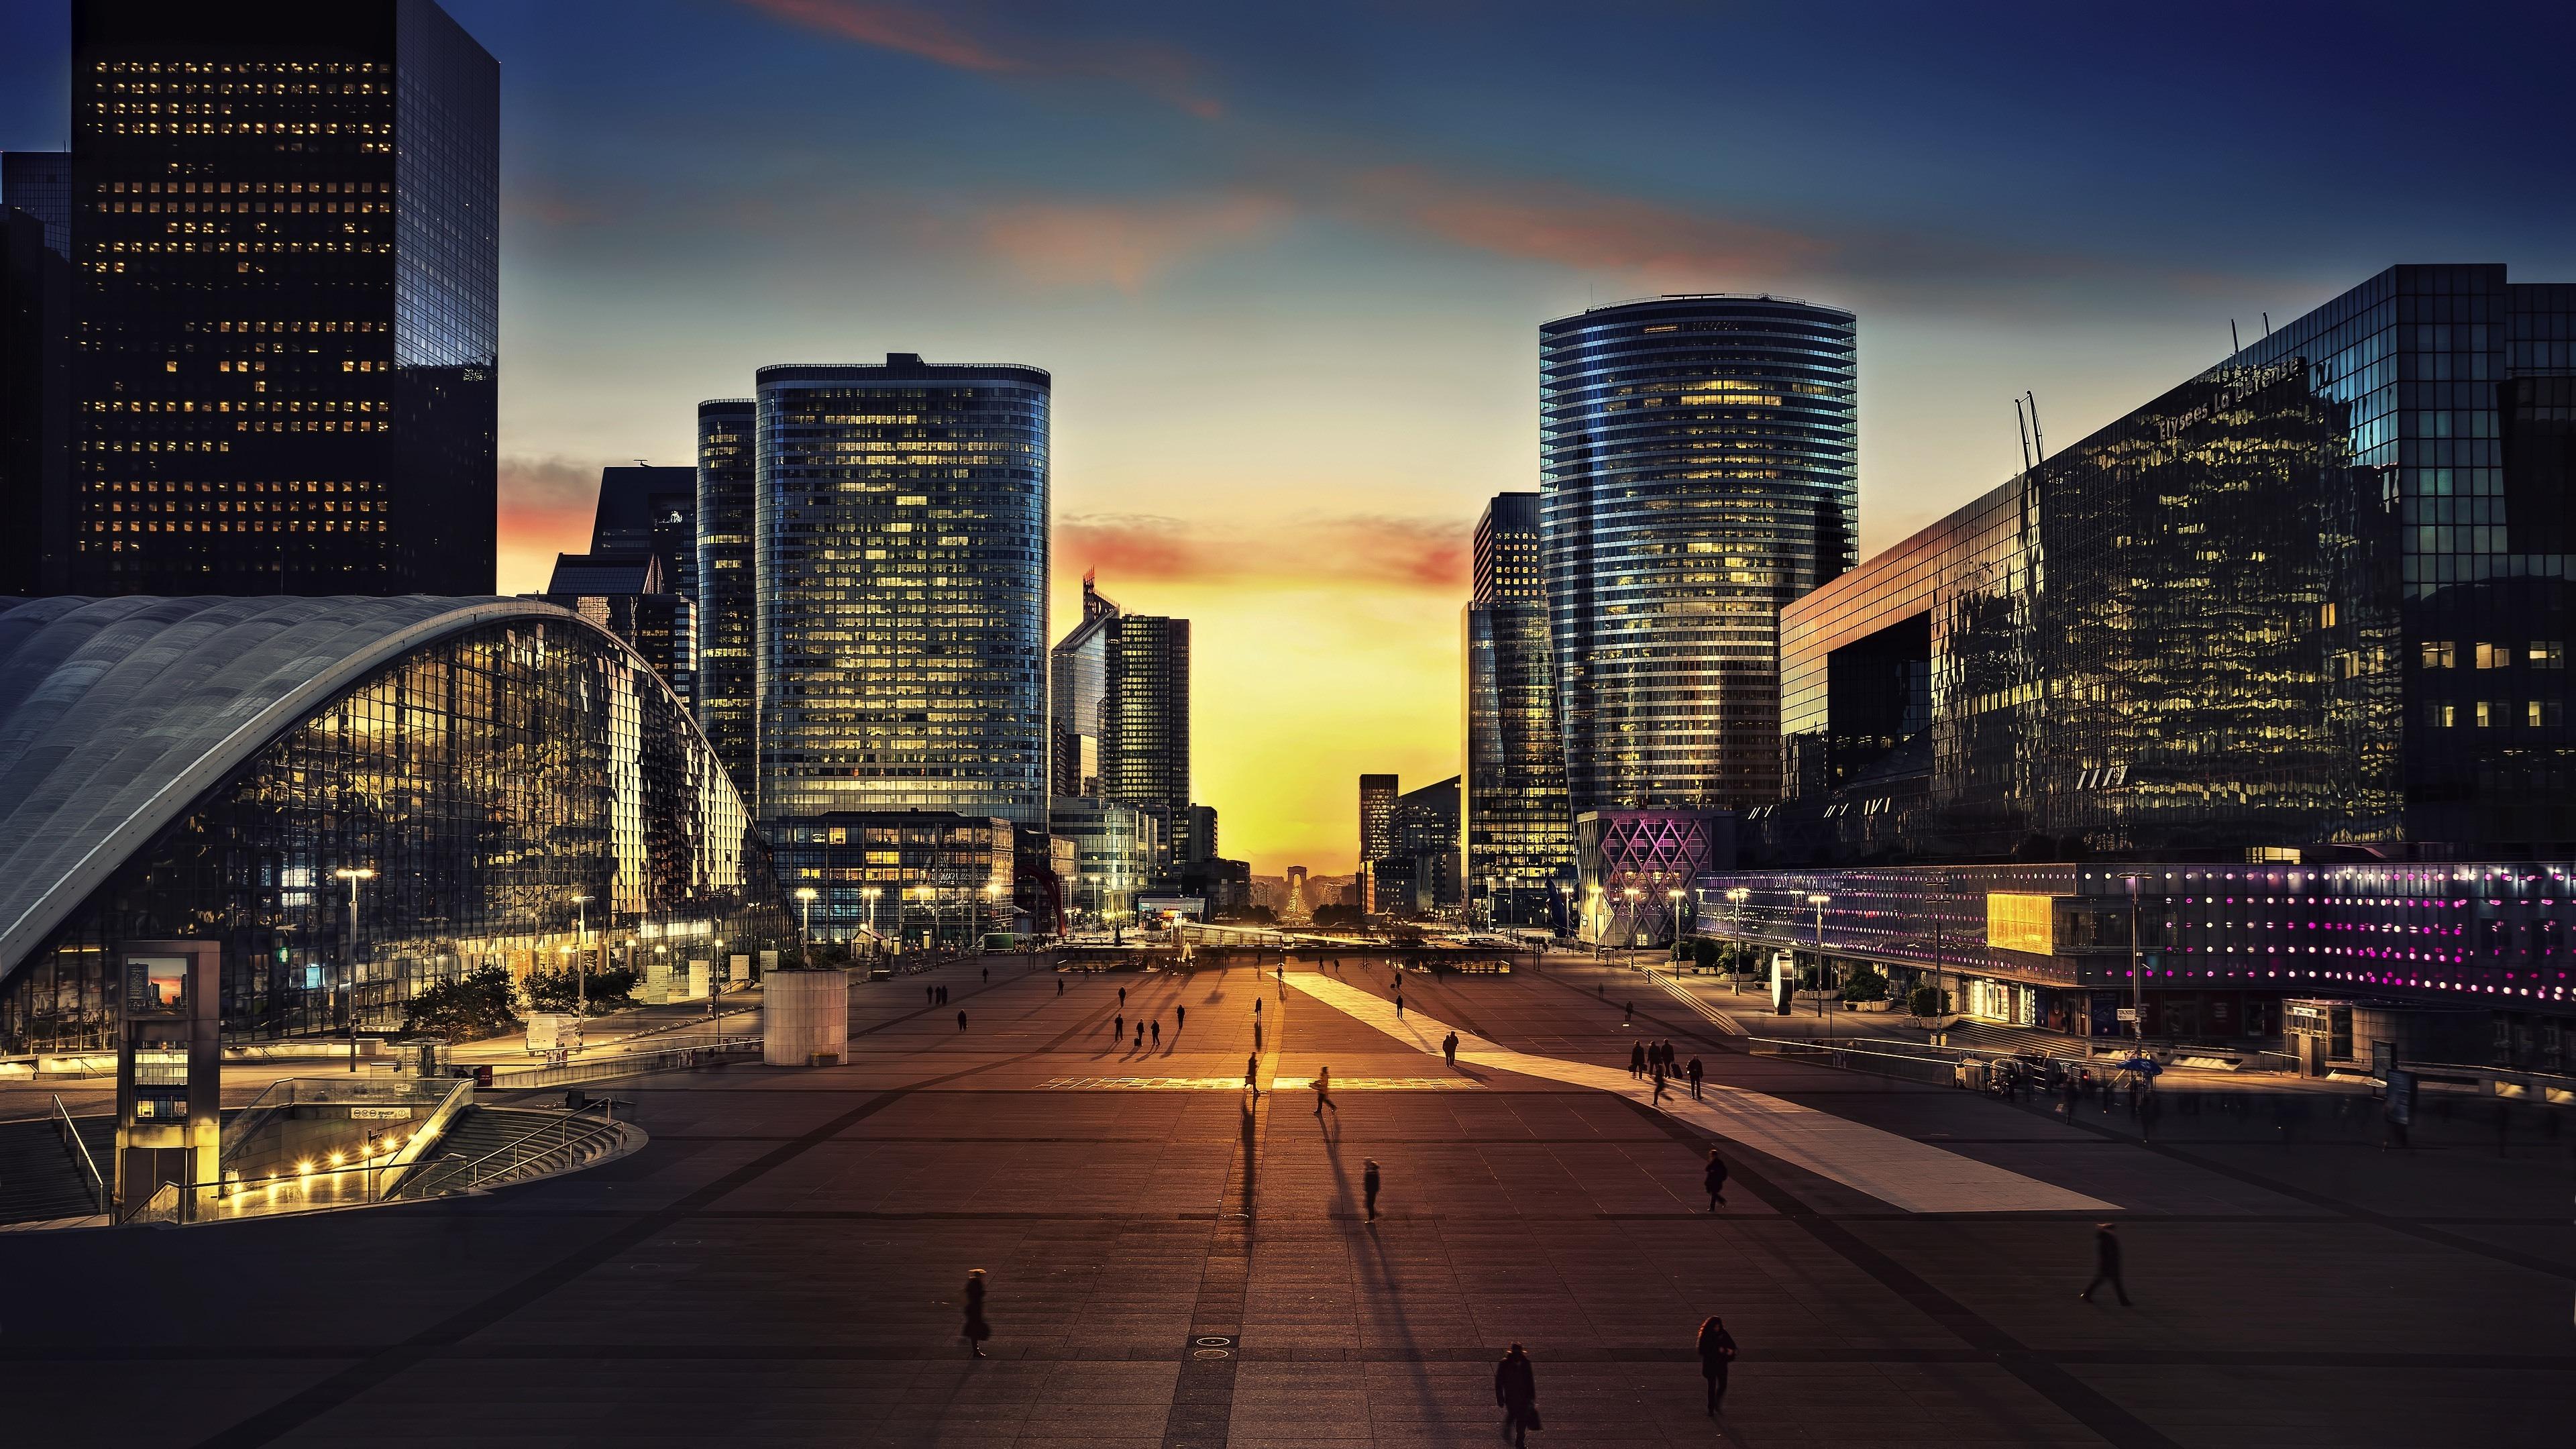 Download 3840x2160 wallpaper arc de triomphe, paris, city ...